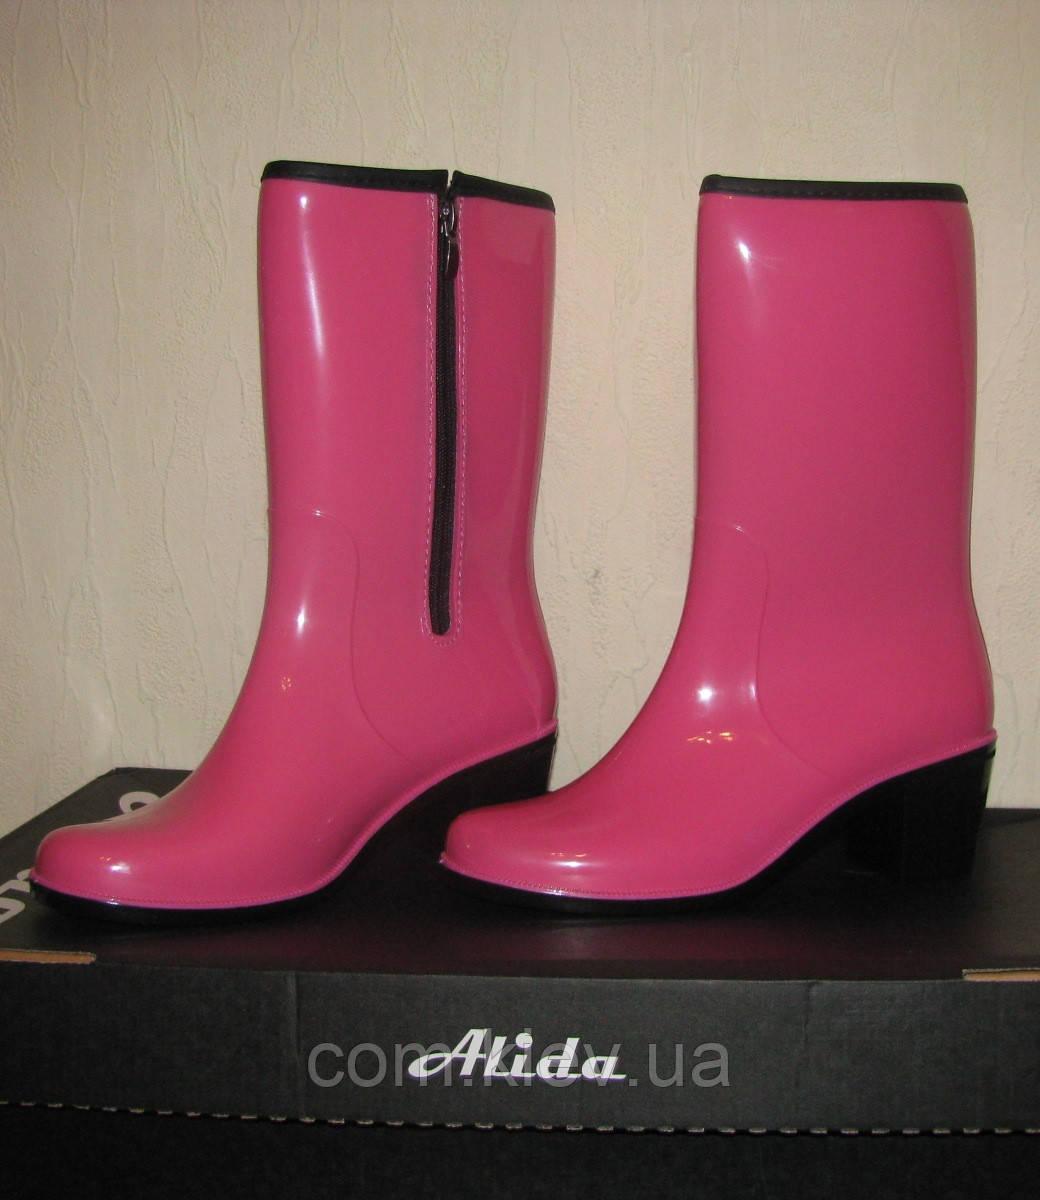 010f867af Сапоги женские резиновые ПС 20-2 Alida на молнии 39 (розовый), цена ...